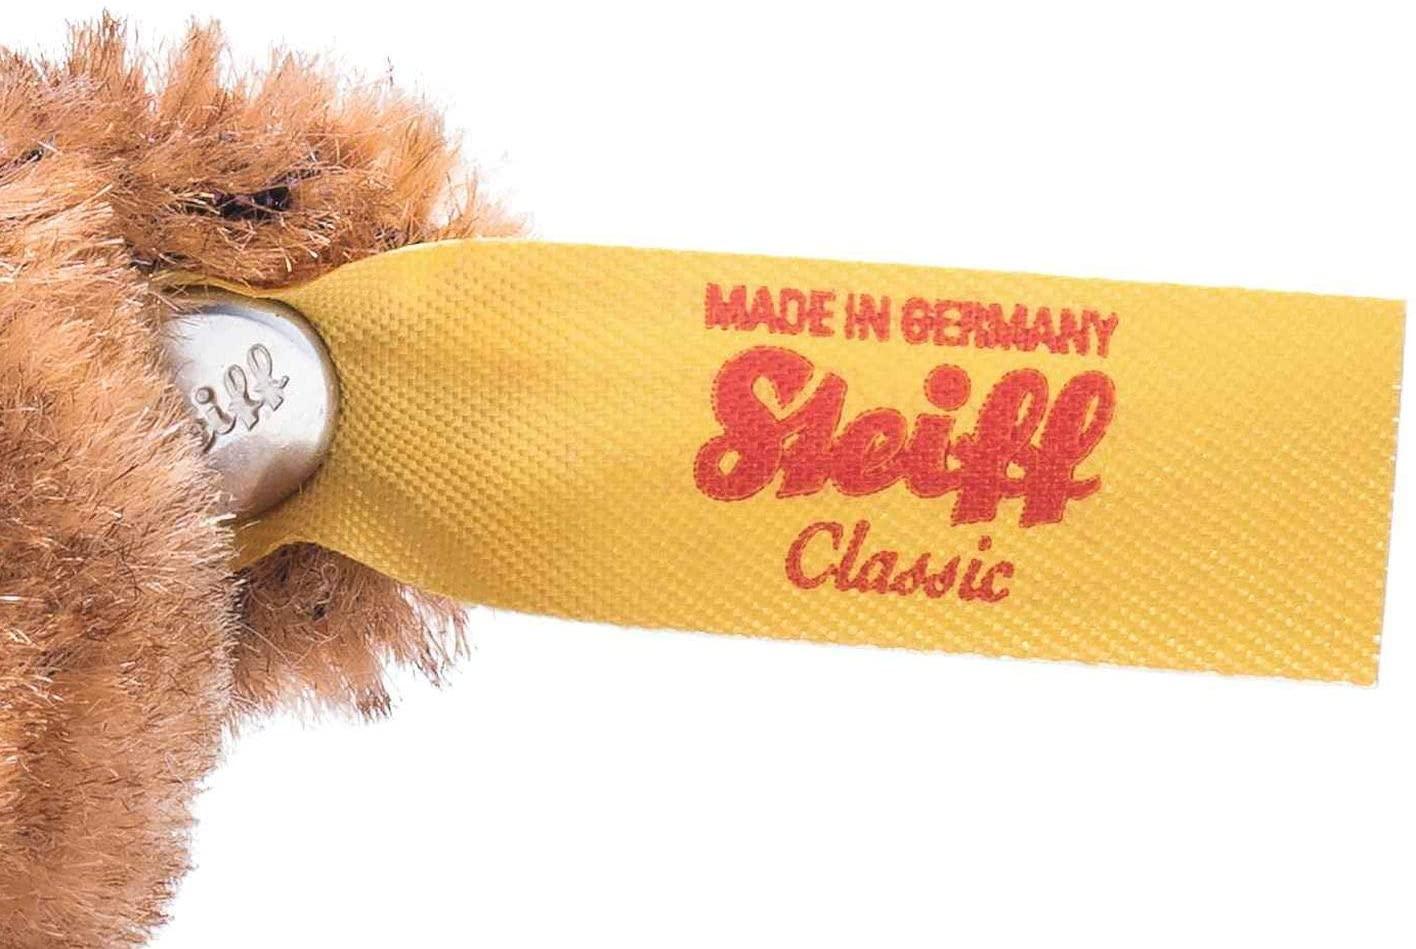 """Mini Teddybär - 9 cm - Sammlerstück – Geschenk - braun Mit unserem Mini Teddybär verschenkt man einen besonderen Bären. Er ist aus den feinsten Materialien gefertigt und ein richtiges Schmuckstück. Die Details des kleinen Teddybären zeigen das wir unsere Tiere mit Liebe fertigen. Steckbrief Mini Teddybär - Größe 9 x 7 x 4,5 cm - Fell: aus feinstem Mohair - Farbe: braun – abwaschbar Steiff Qualitätsversprechen Die Margarete Steiff GmbH ist die weltweit bekannteste Spielzeug- und Plüschtierherstellerin und steht für höchste Qualität seit 1880. Der Leitgedanke unser Firmengründerin Margarete Steiff """"Für Kinder ist nur das Beste gut genug"""" ist unsere Firmenphilosophie und prägt unsere Arbeit sowie jedes unserer Produkte. Alle unsere Tiere werden von Hand genäht und sind somit einzigartig. Jedes original Steiff Tier trägt voller Stolz den Steiff """"Knopf im Ohr"""" und zusätzlich als weiteres Erkennungszeichen ein Ohrfähnchen. Das ist der Beweis, dass es aus unserem Hause stammt. Steiff Tiere - nur echt mit dem Steiff """"Knopf im Ohr"""". Wir wünschen viel Vergnügen mit dem neuen Plüschtier - Ihr Steiff-Team"""